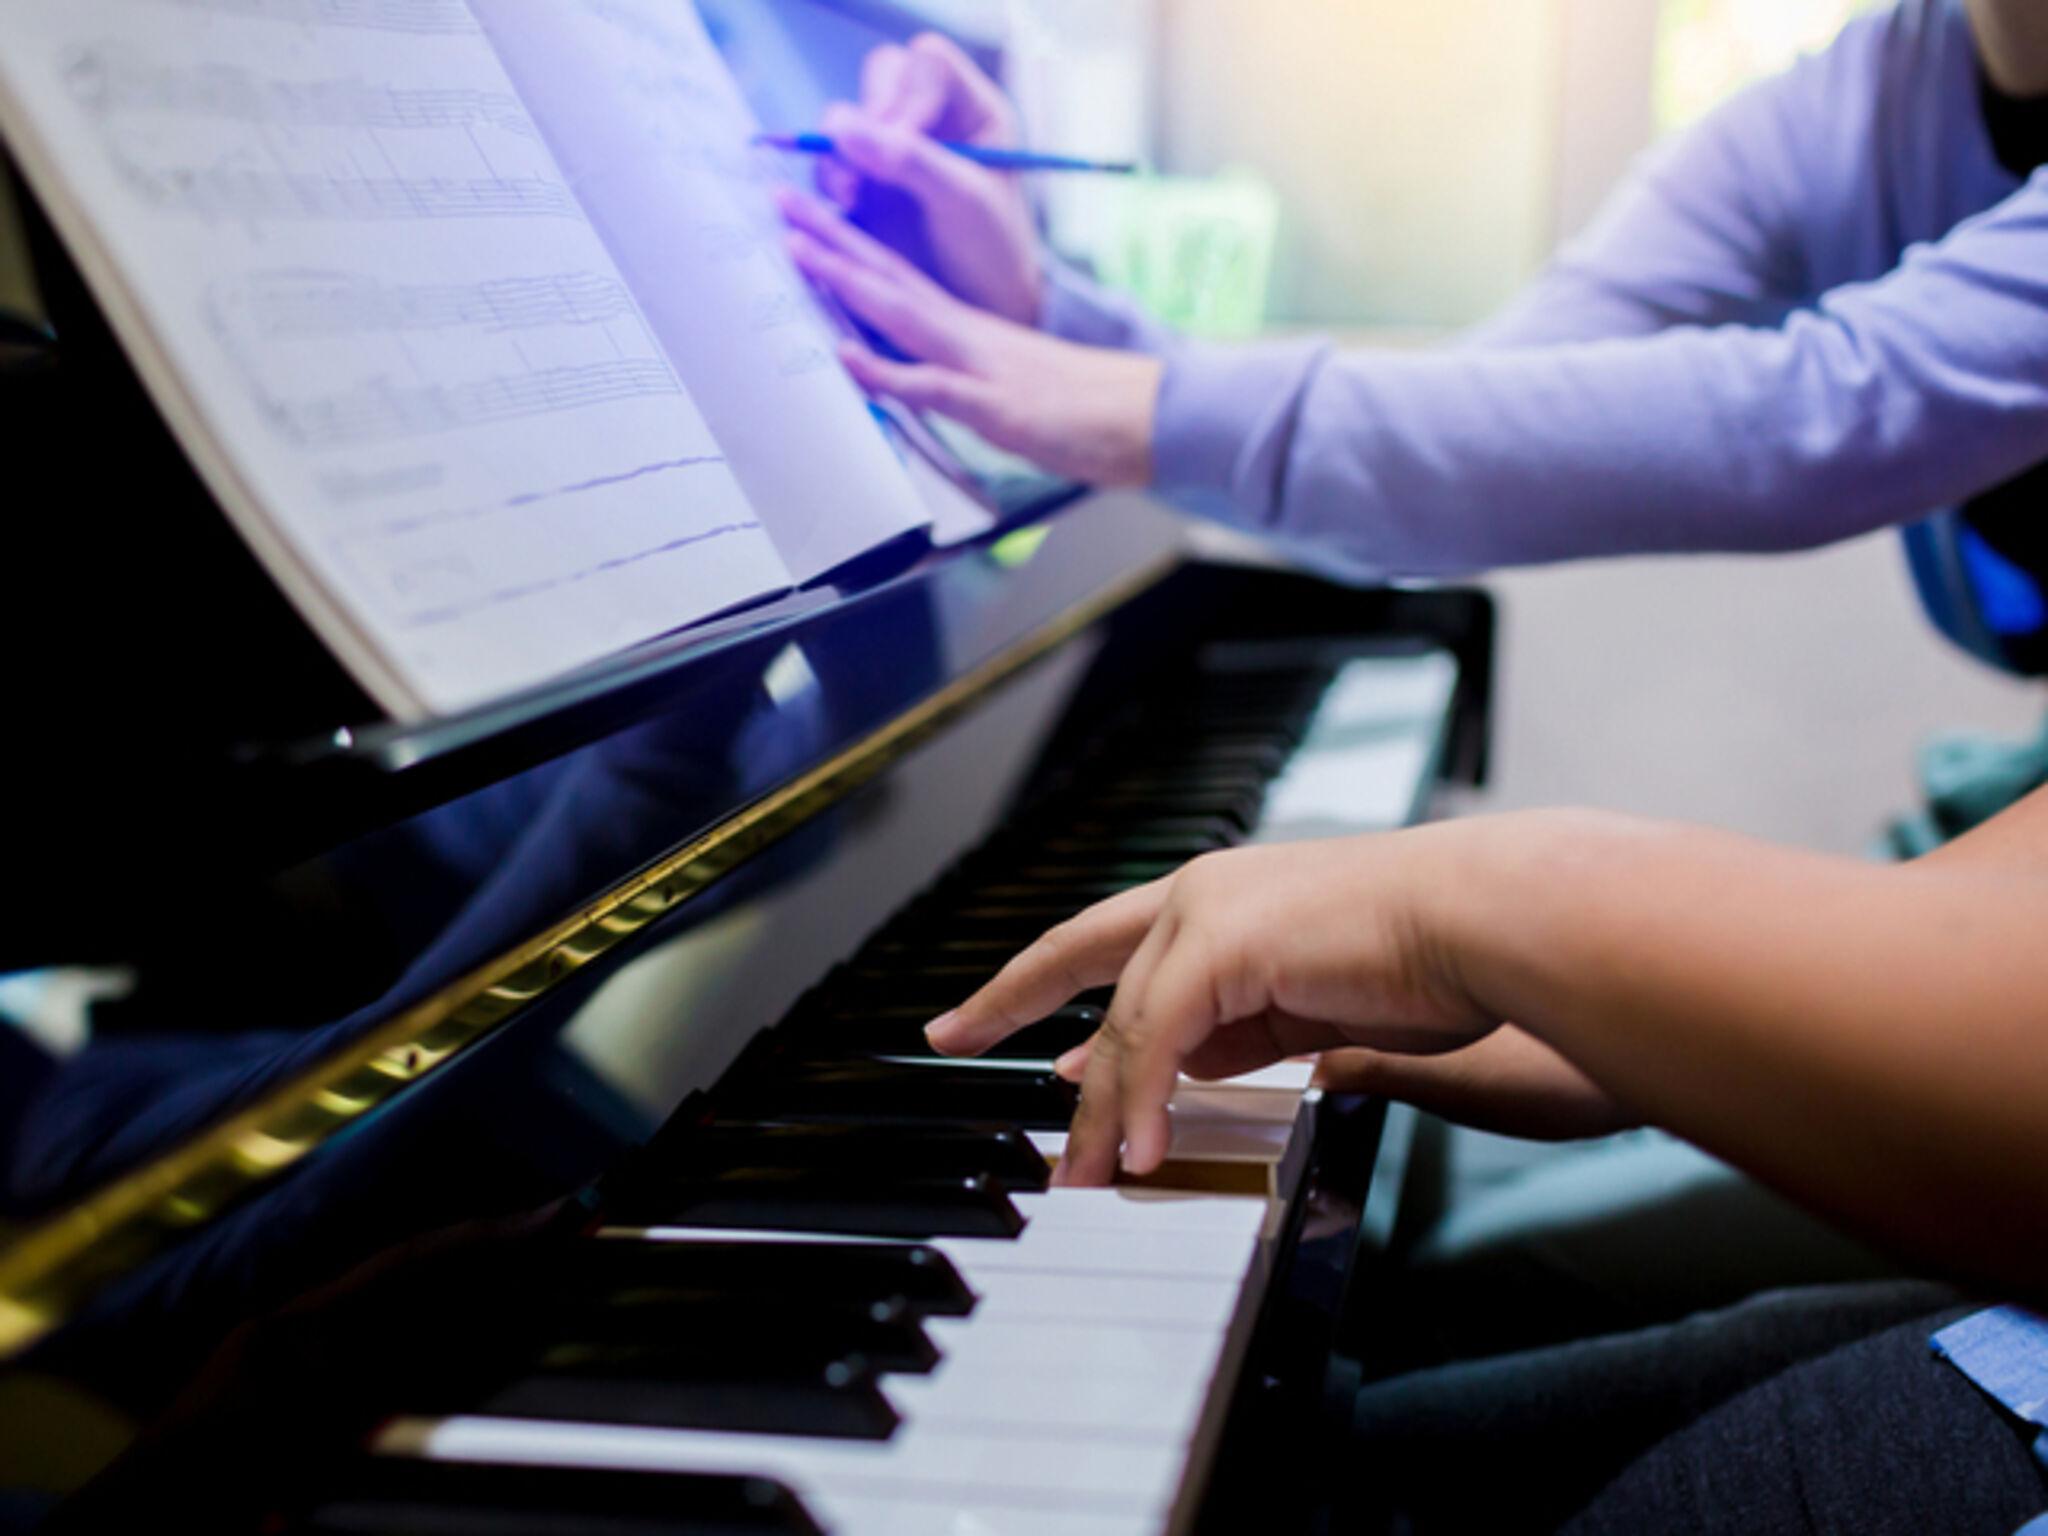 個人のピアノ教室の画像